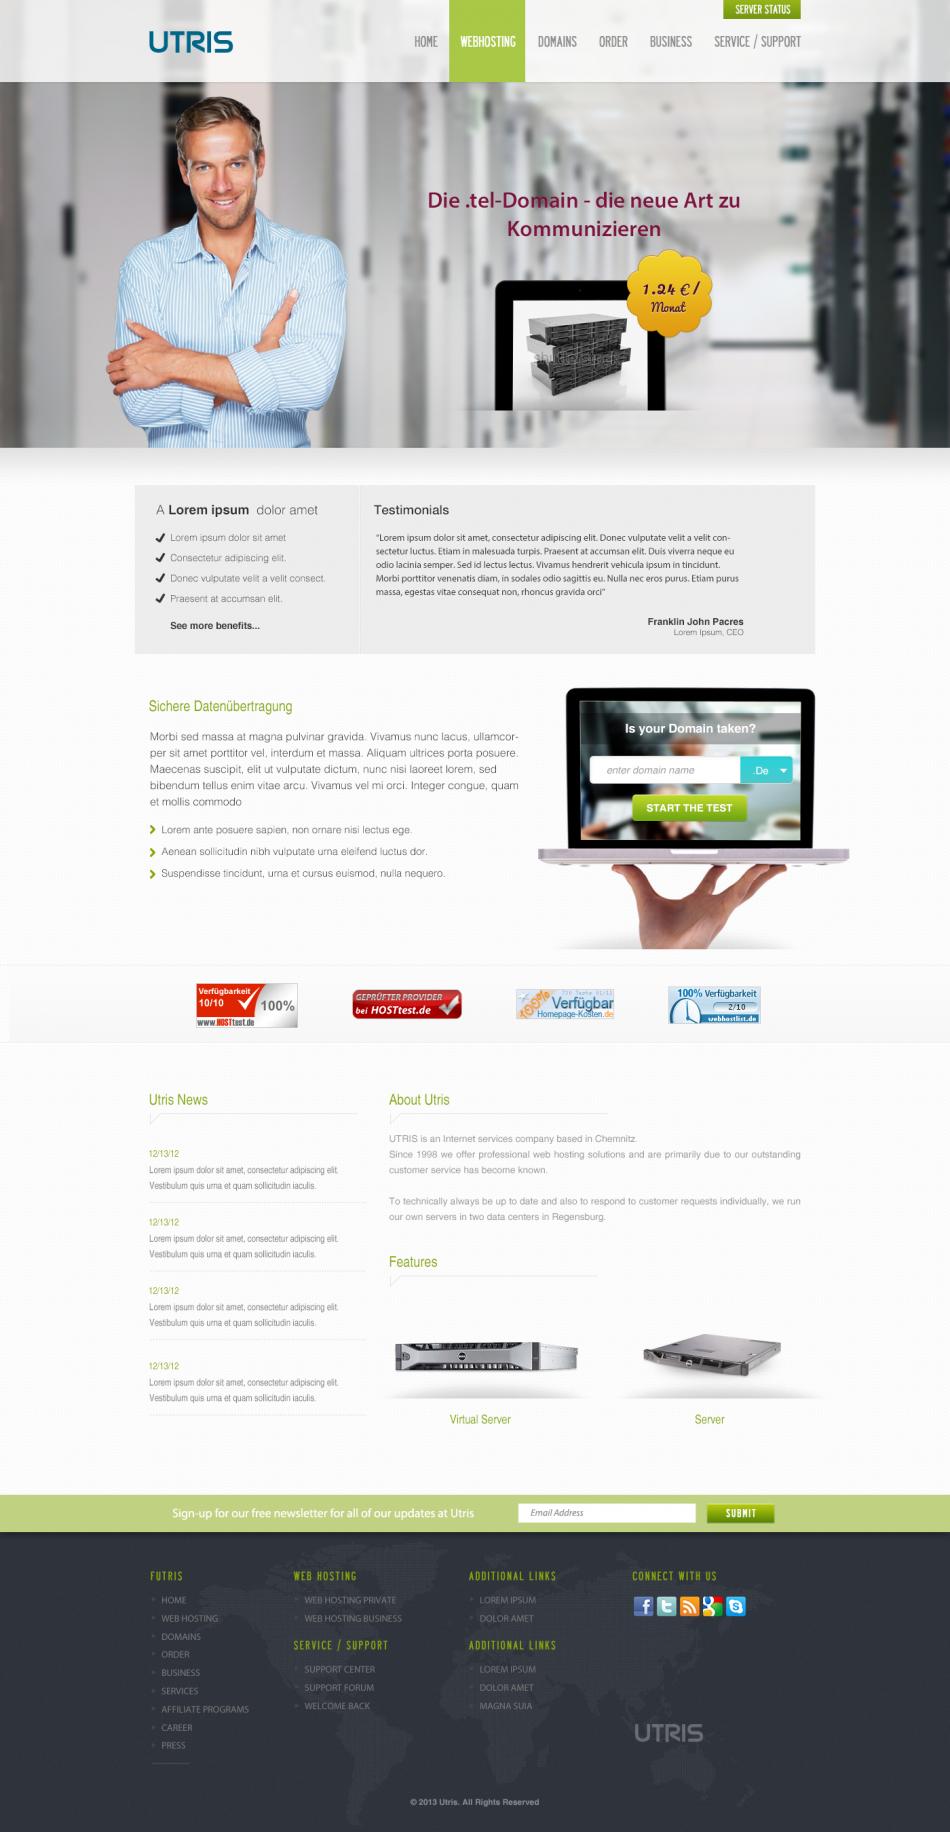 UTRIS - A Free Web Hosting PSD Website Template, #Free, #Hosting ...